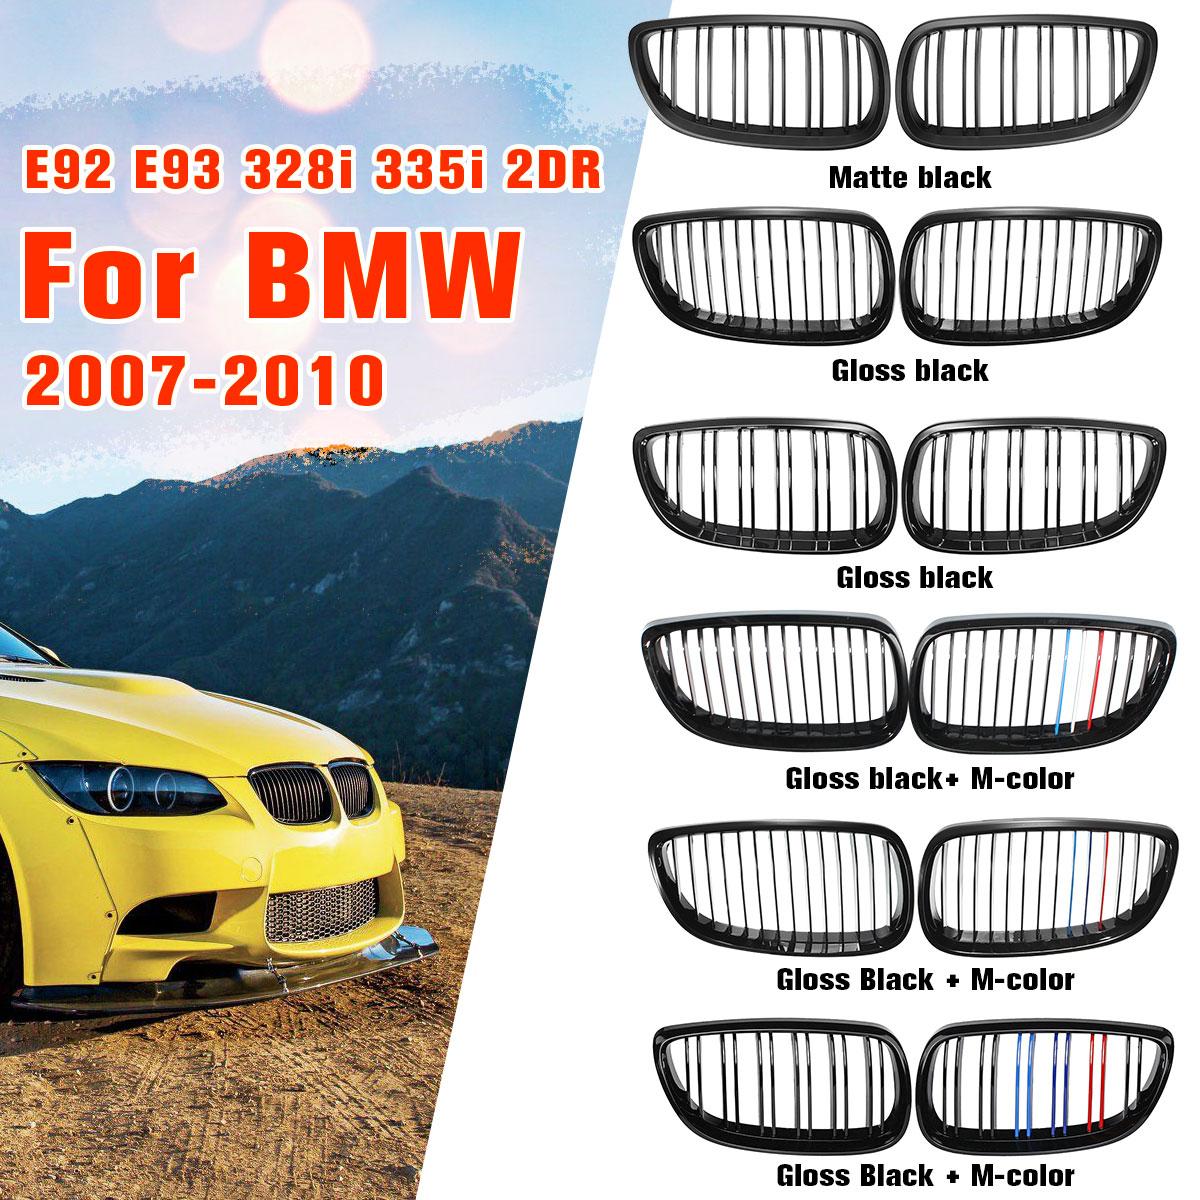 グロスマットブラック M 色デュアルラインフロントグリル腎臓 Bmw E92 E93 M3 328i 335i 2 ドア 2007 2008 2009 カースタイリング